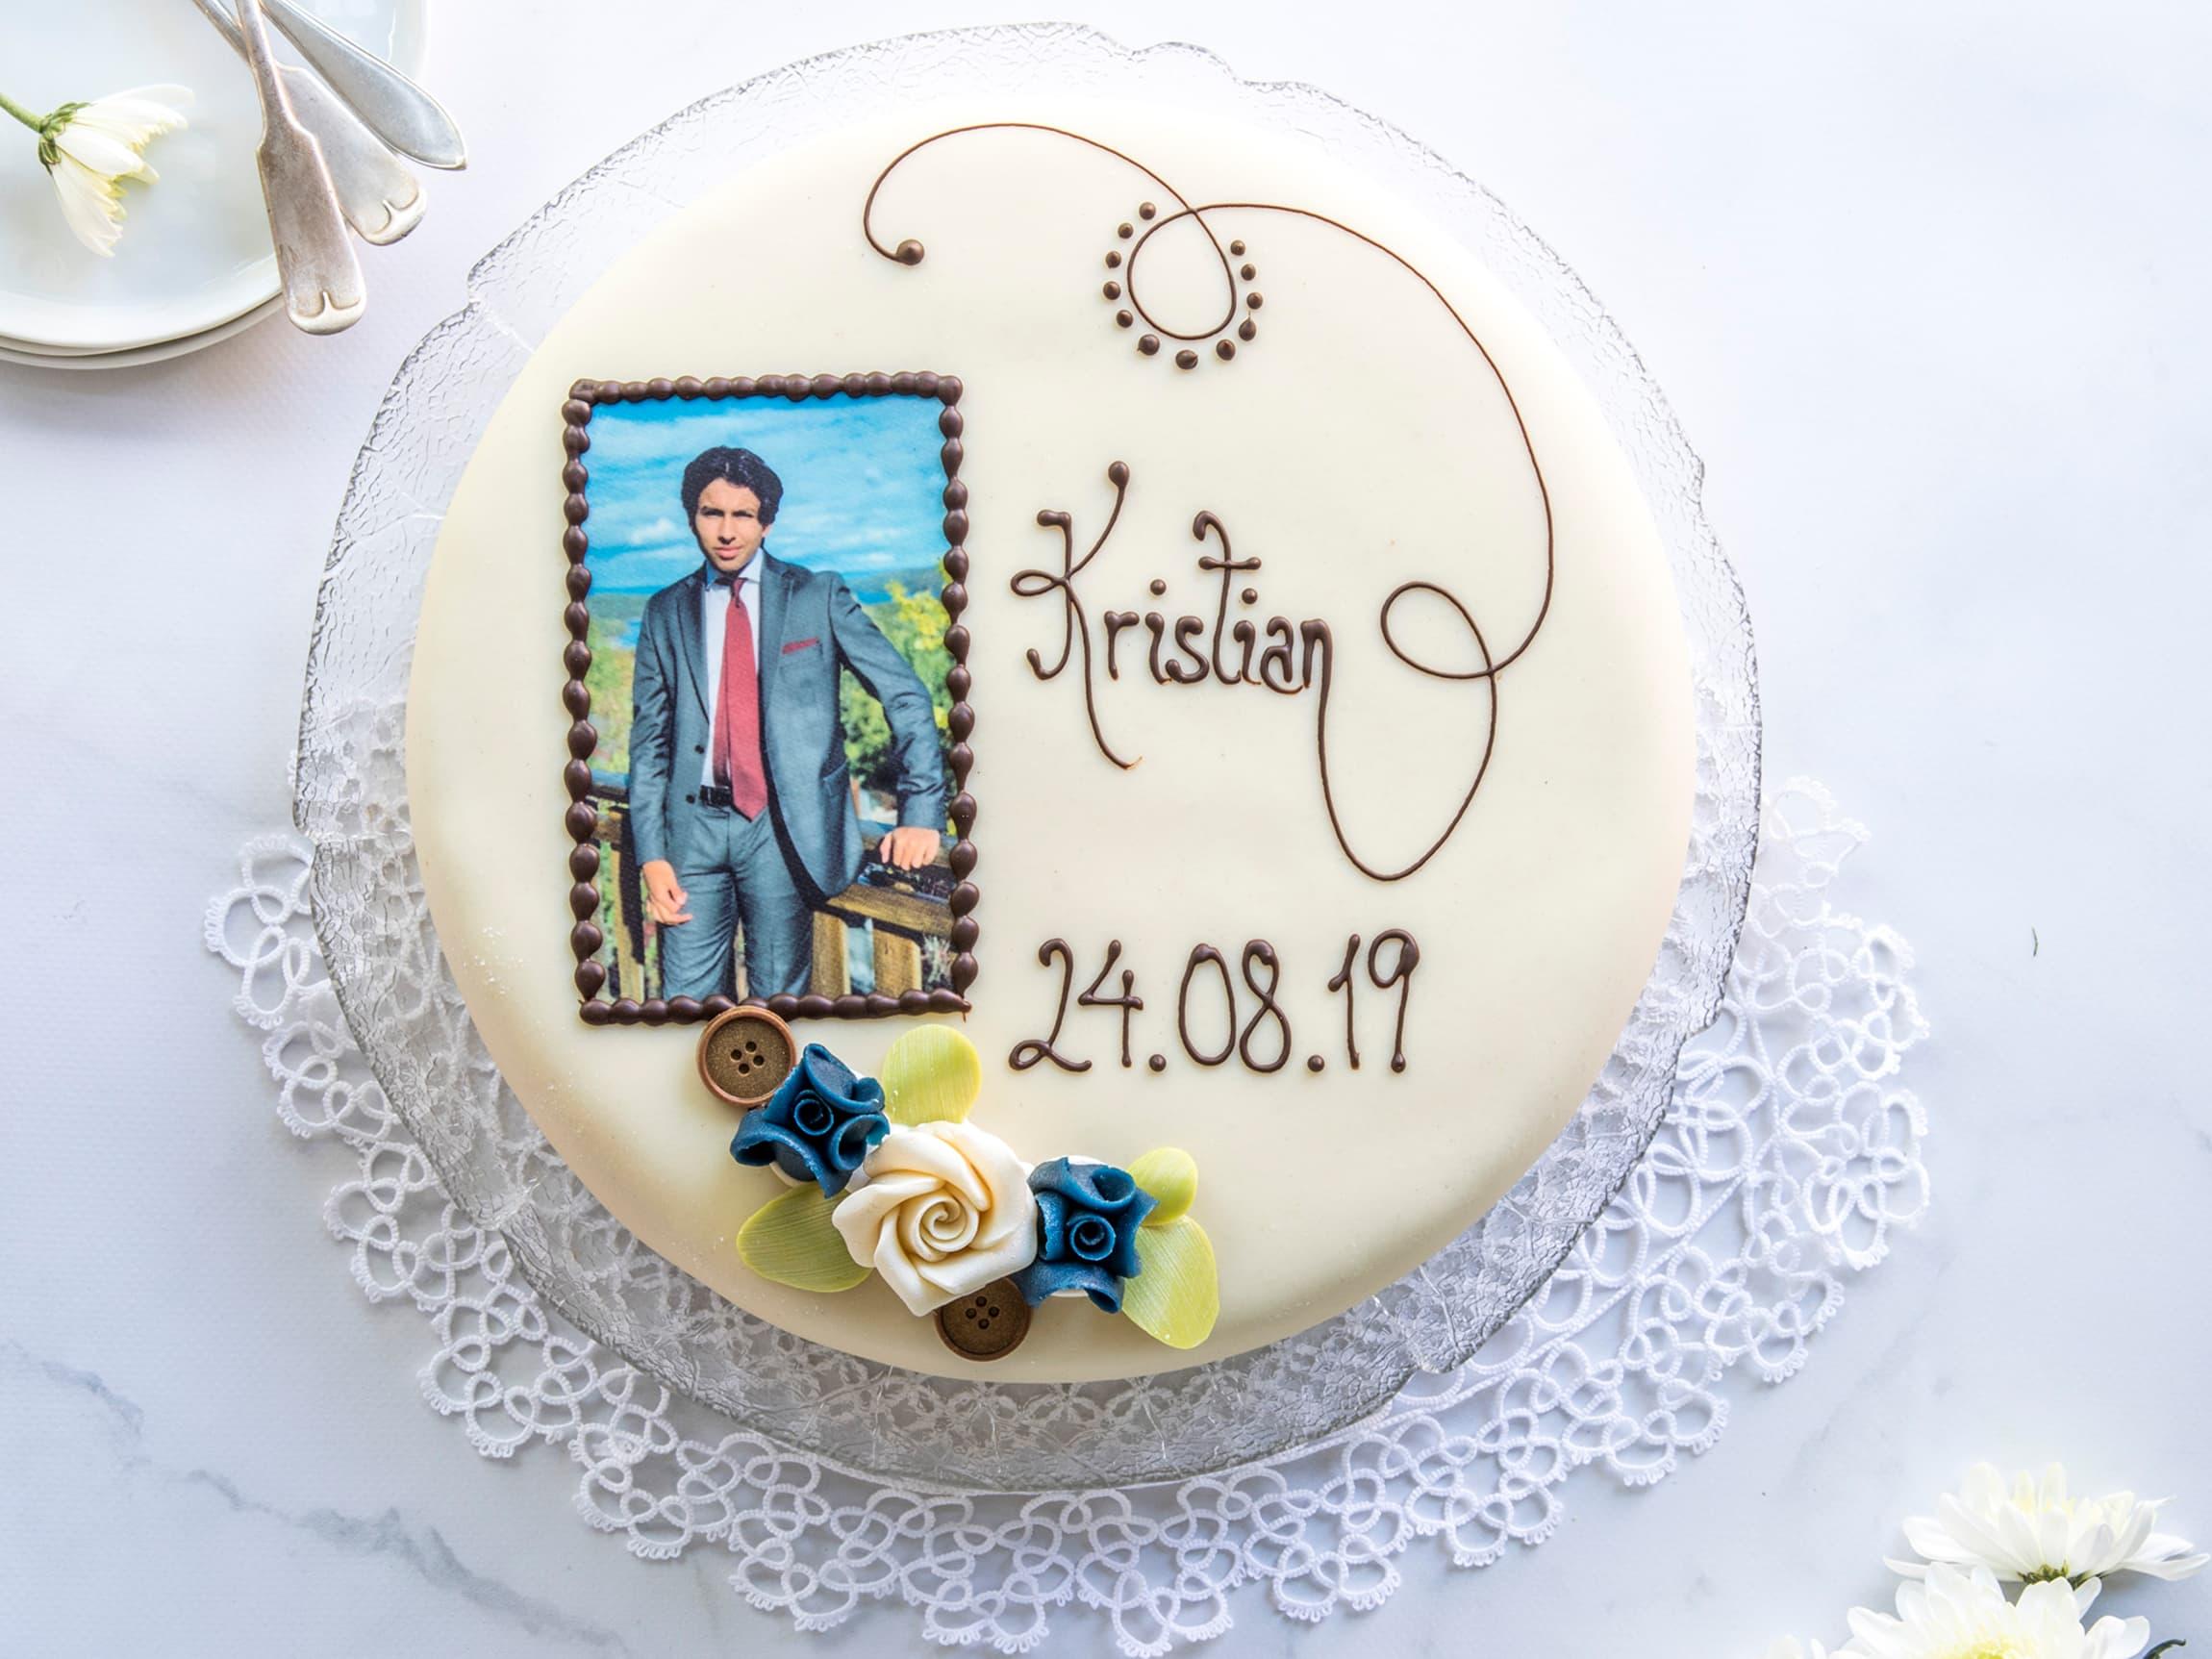 Skal du feire en spesiell anledning? Bestill kake med egen tekst og bilde